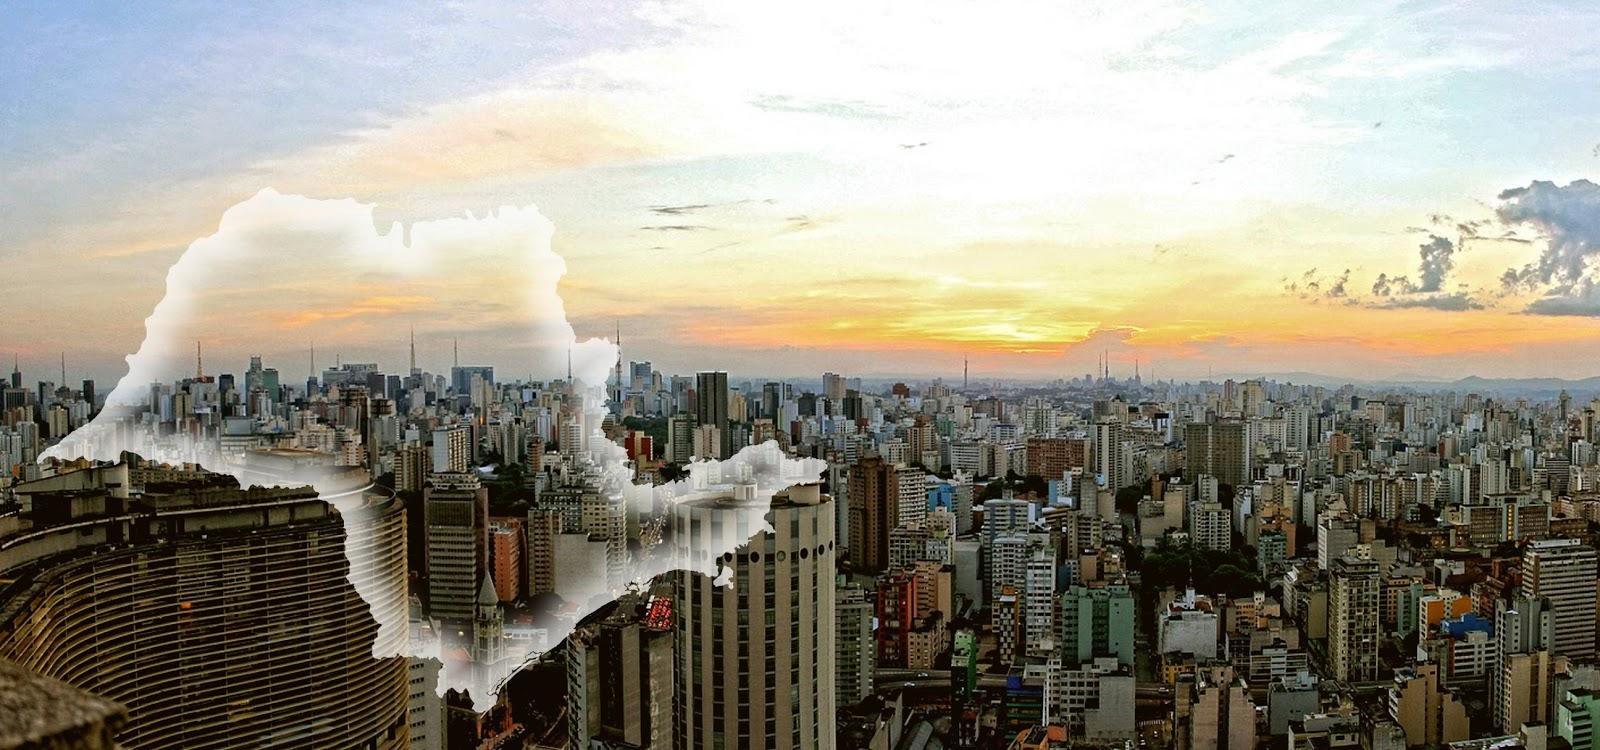 São Paulo | Top 15 Cidades Mais Populosas de São Paulo